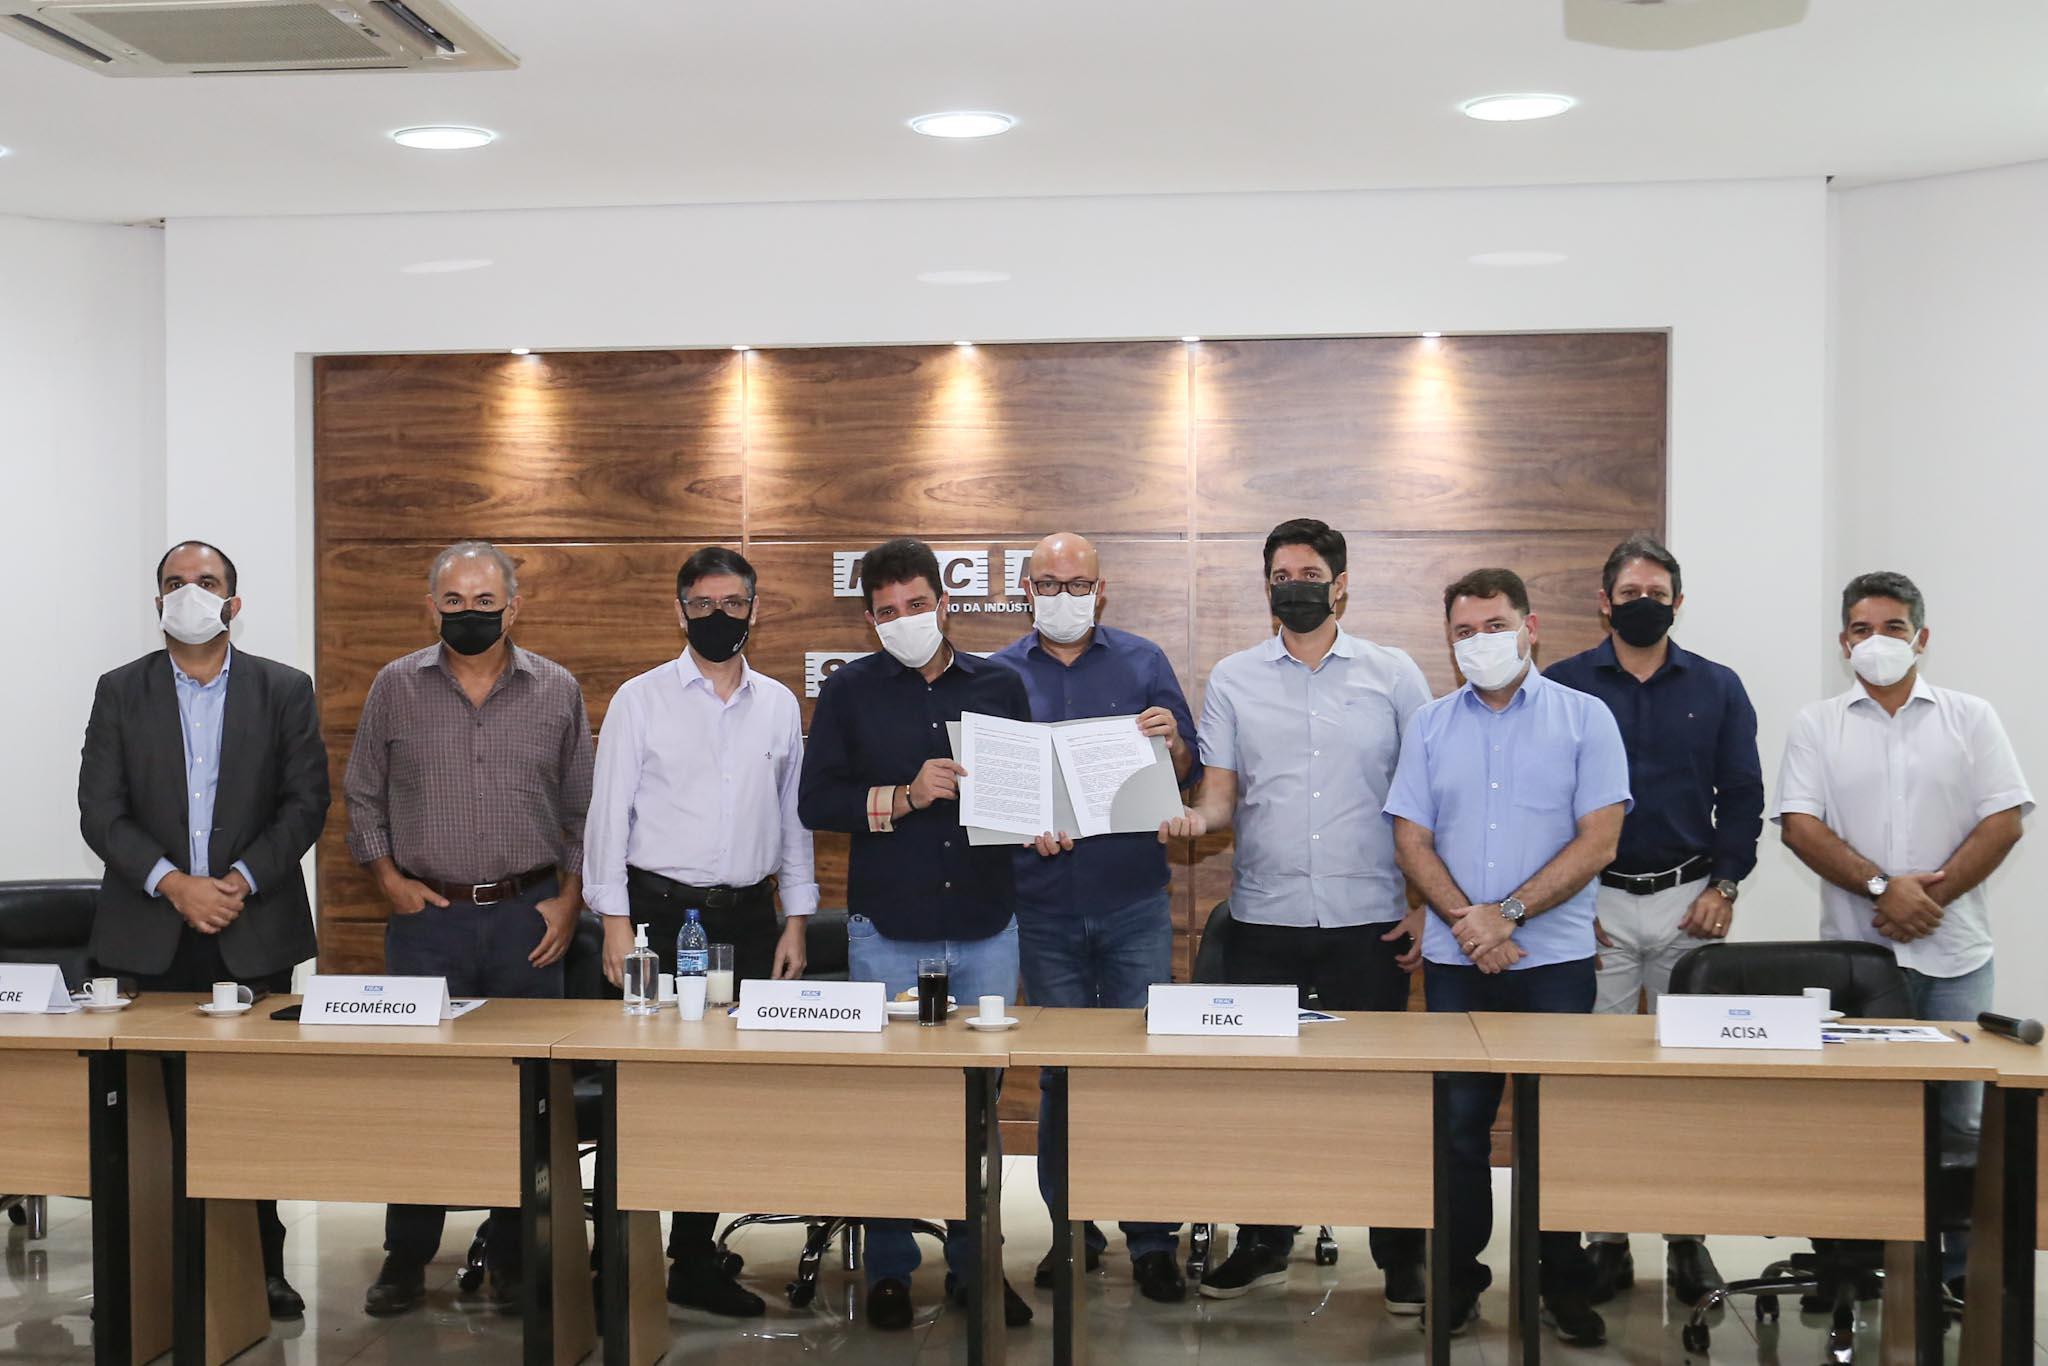 Cameli recebe carta do setor empresarial com propostas de enfrentamento ao coronavírus